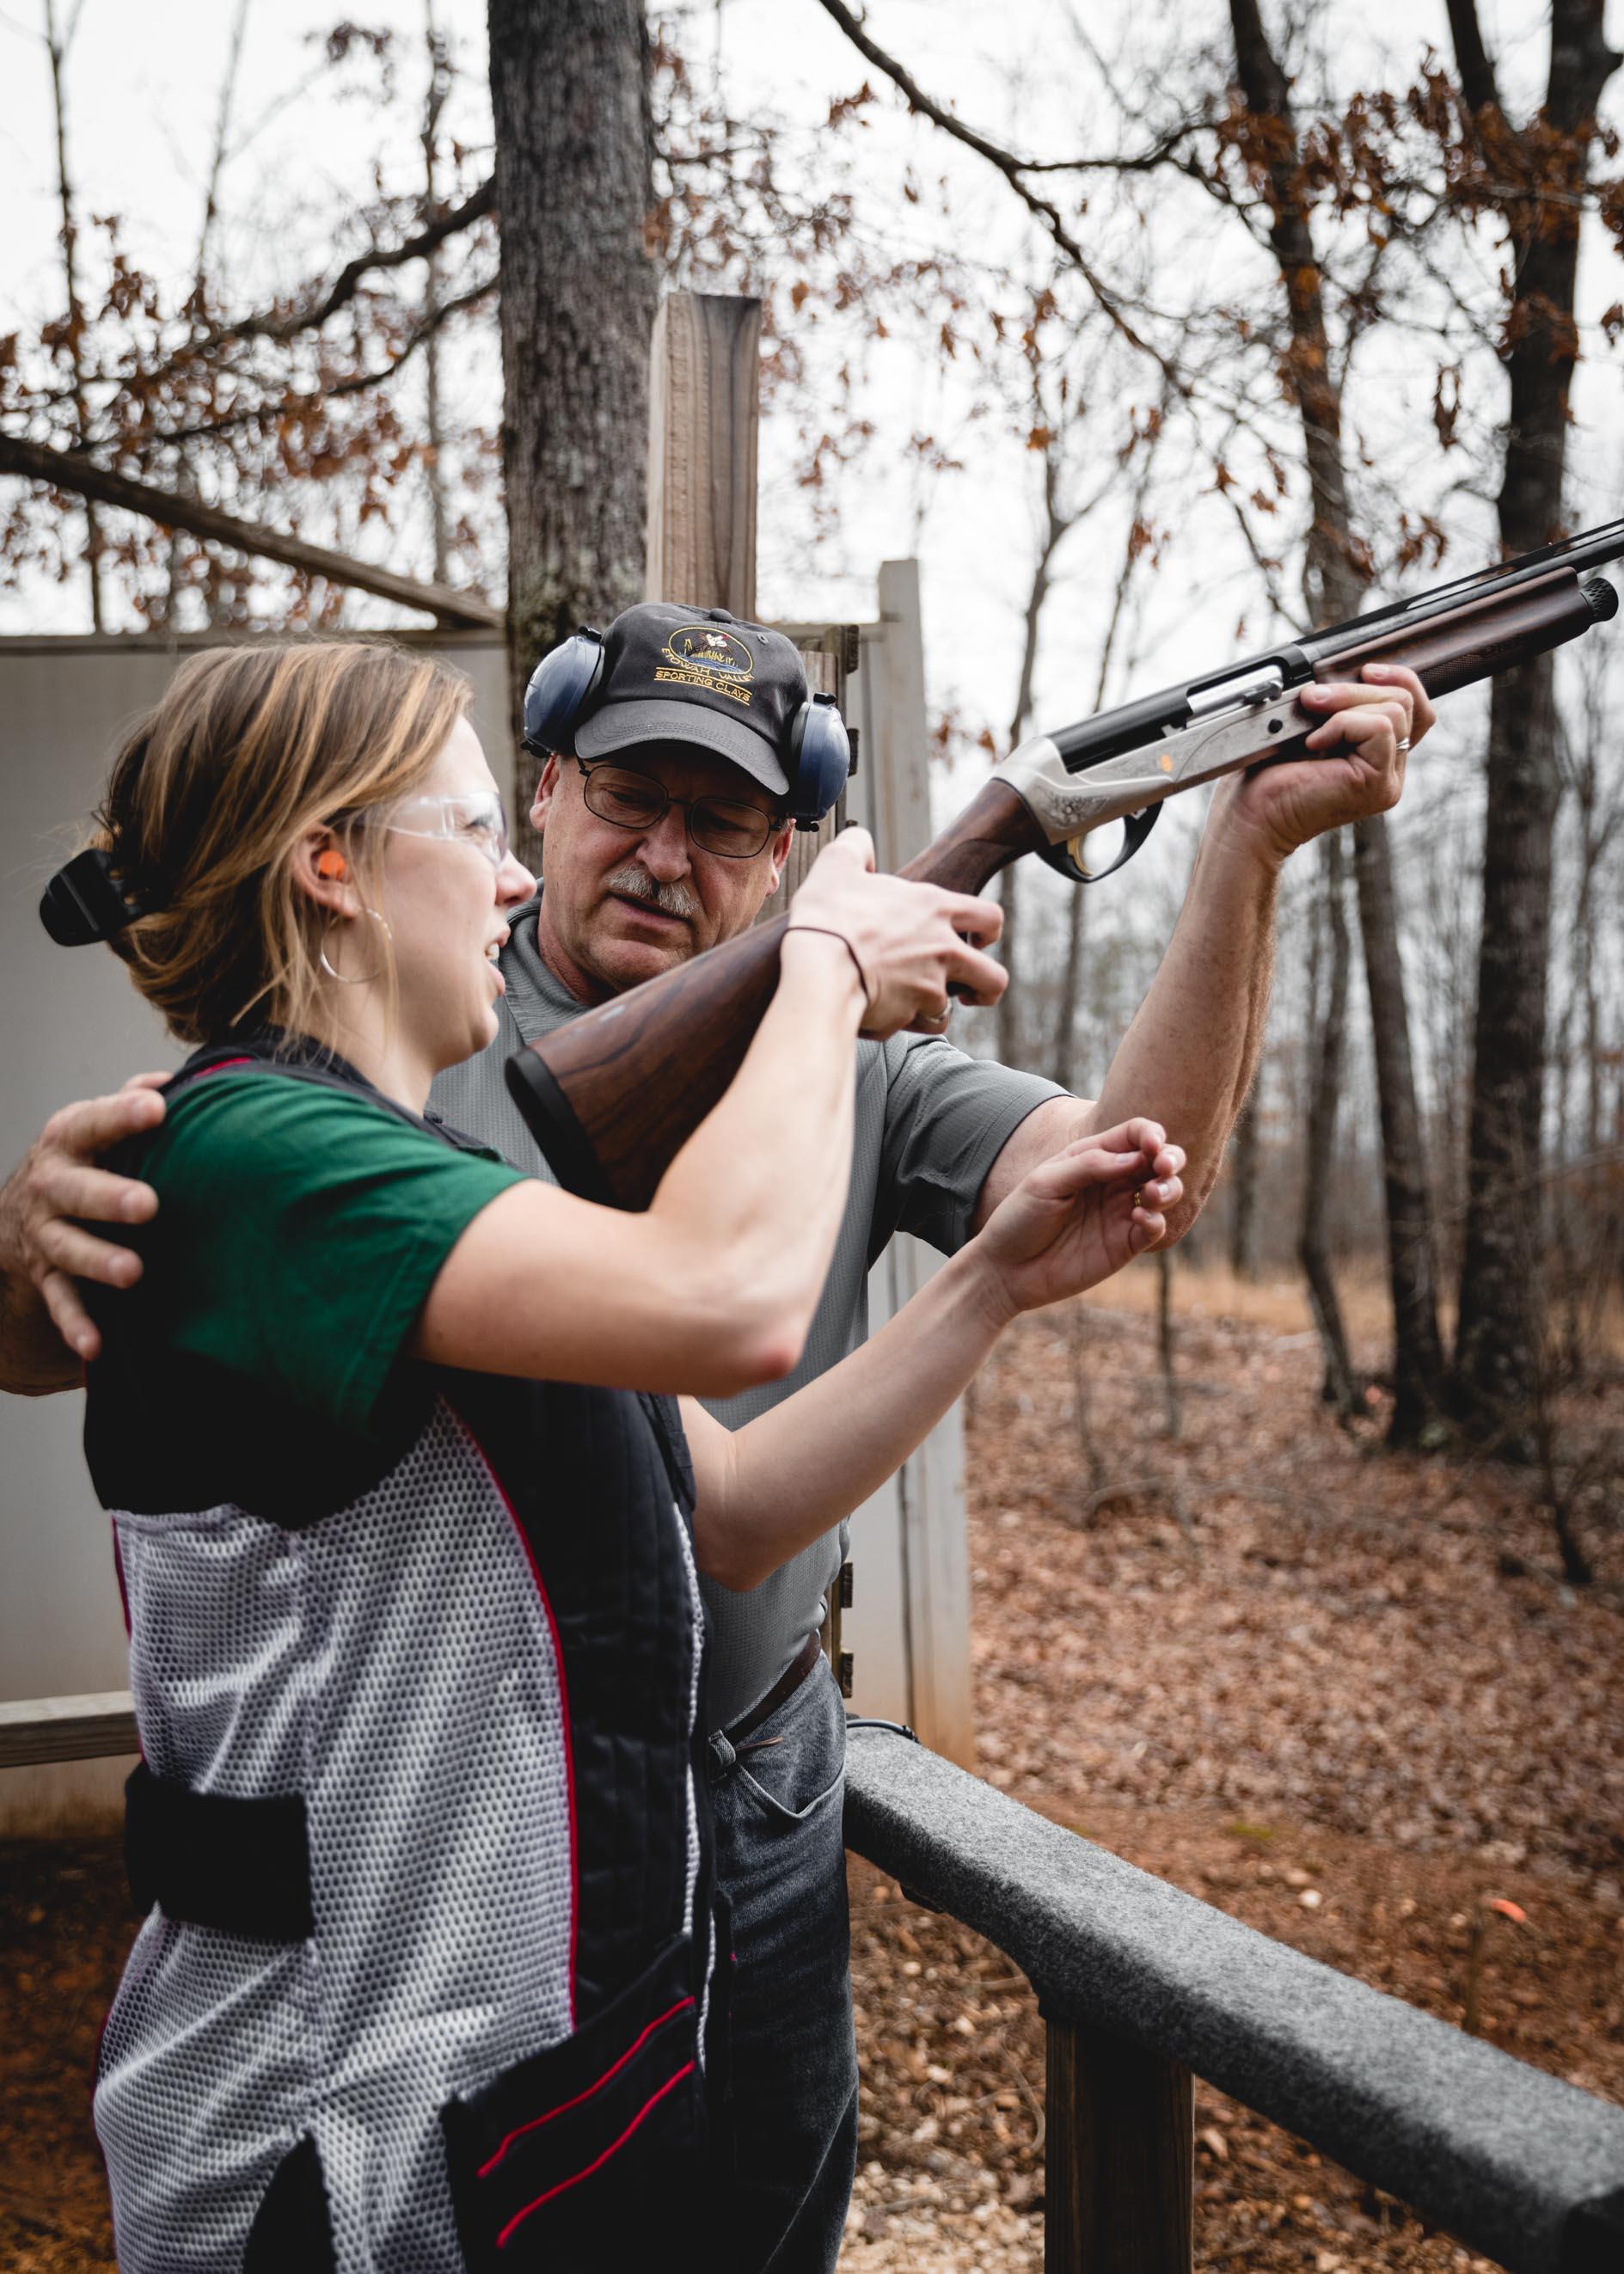 Woman Being Taught Gun Shotgun Safety